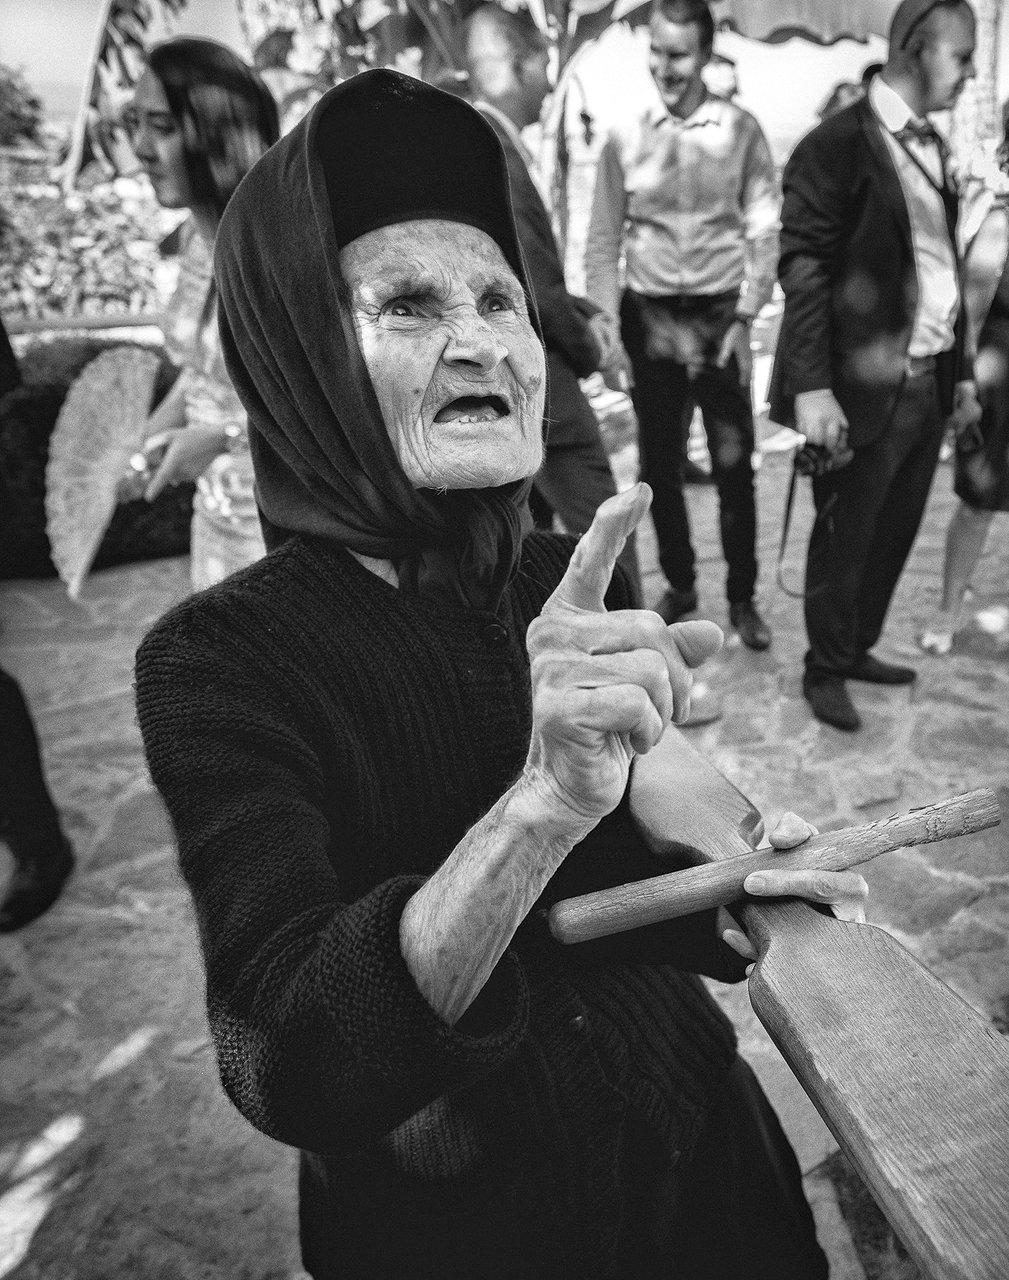 Mайка Екатерина, игуменката на манастира Свети Георги в село Белащица. | Author MAX-1 | PHOTO FORUM